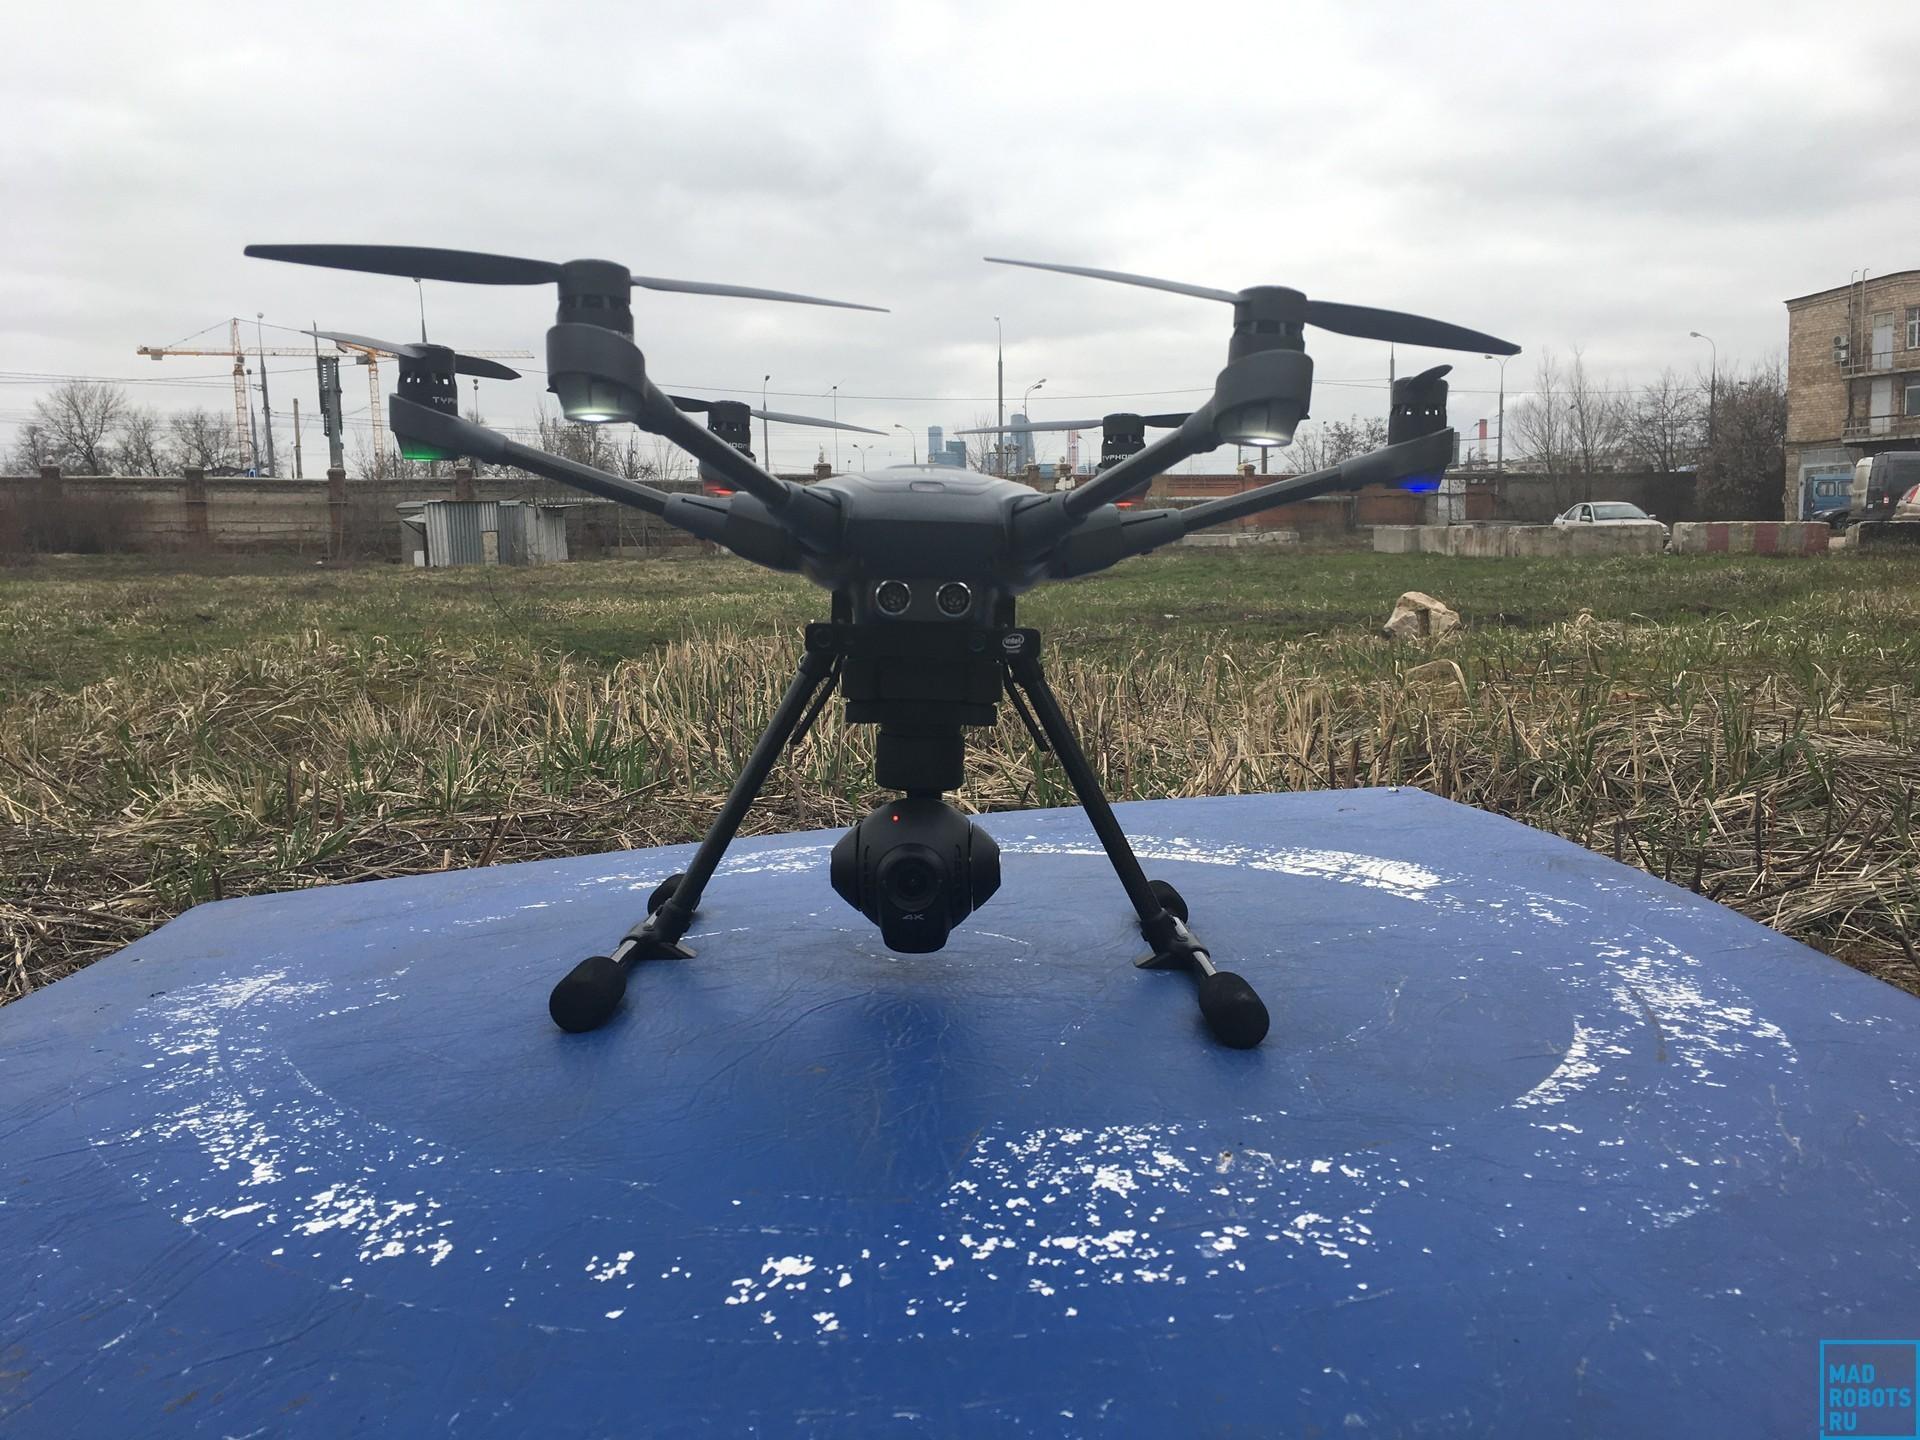 Гексакоптер Yuneec Typhoon H: профессиональный дрон с простым управлением - 6